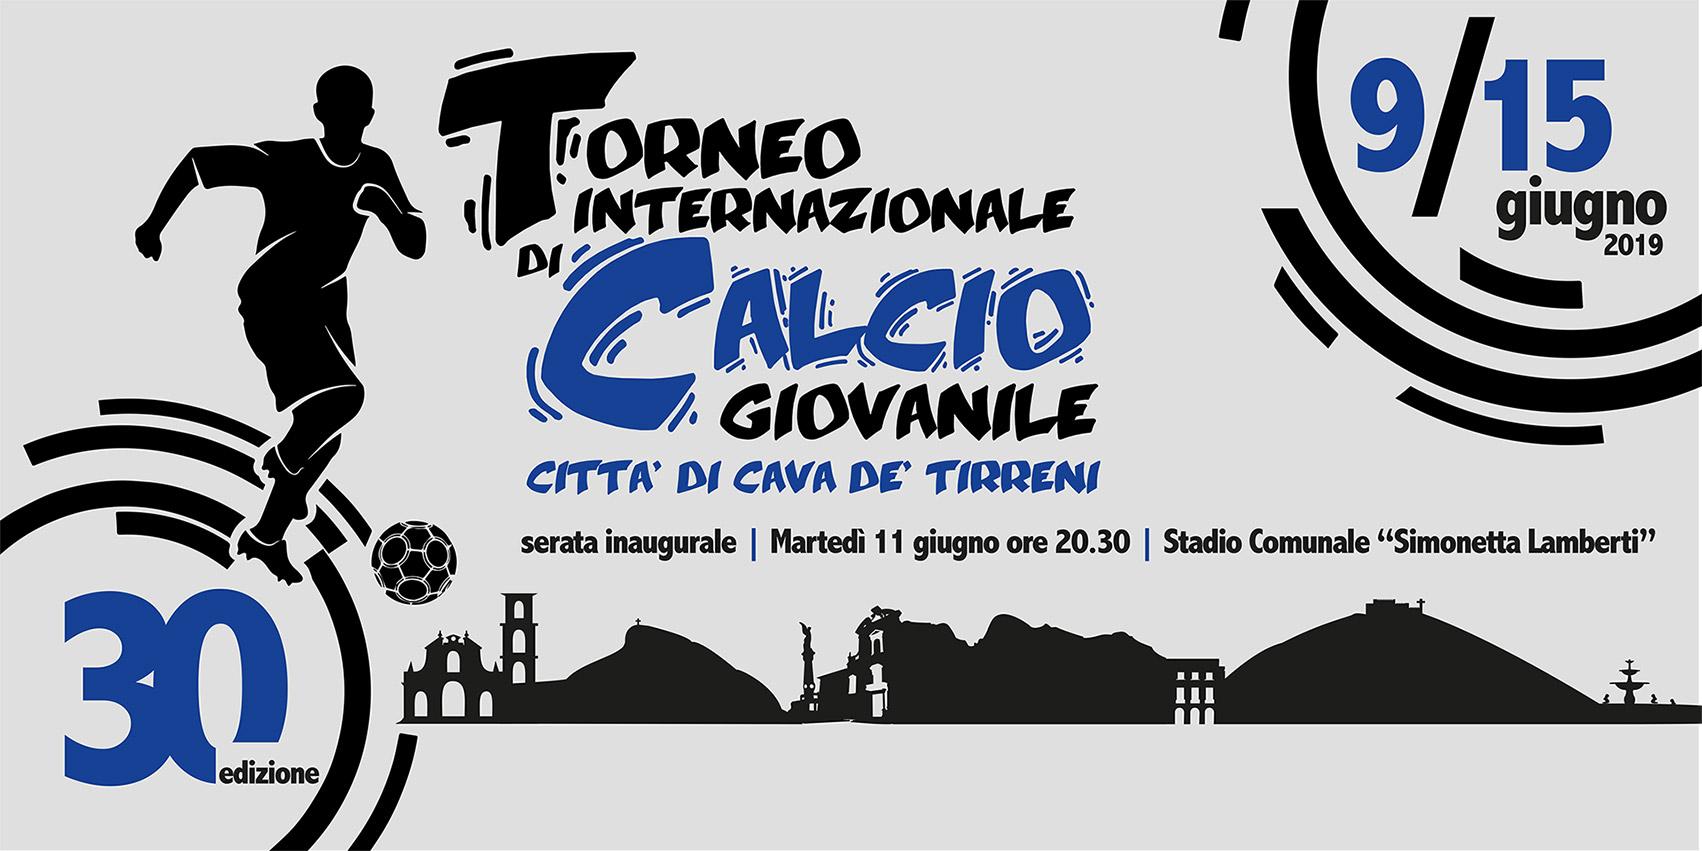 Calendario Allievi Lega Pro.Welcome Torneo Internazionale Di Cava